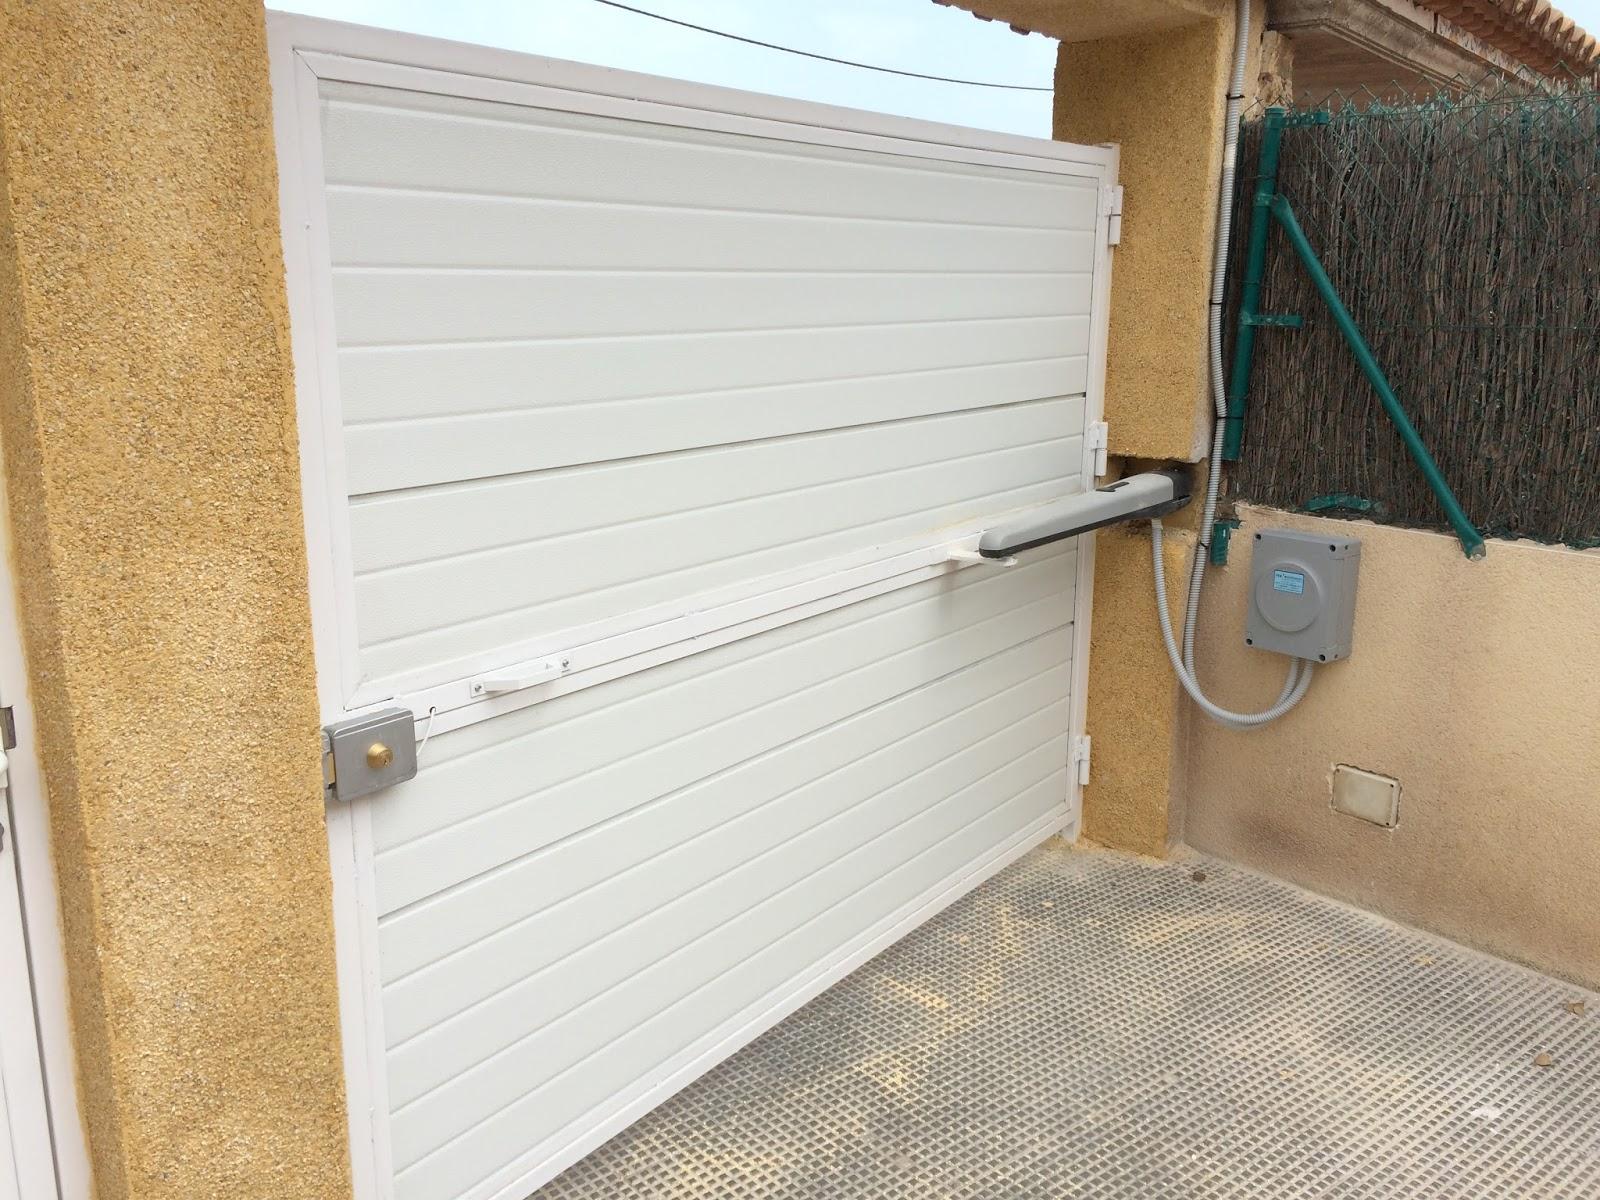 puerta batientes motor nice 4024 acoplado una chapa eléctrica